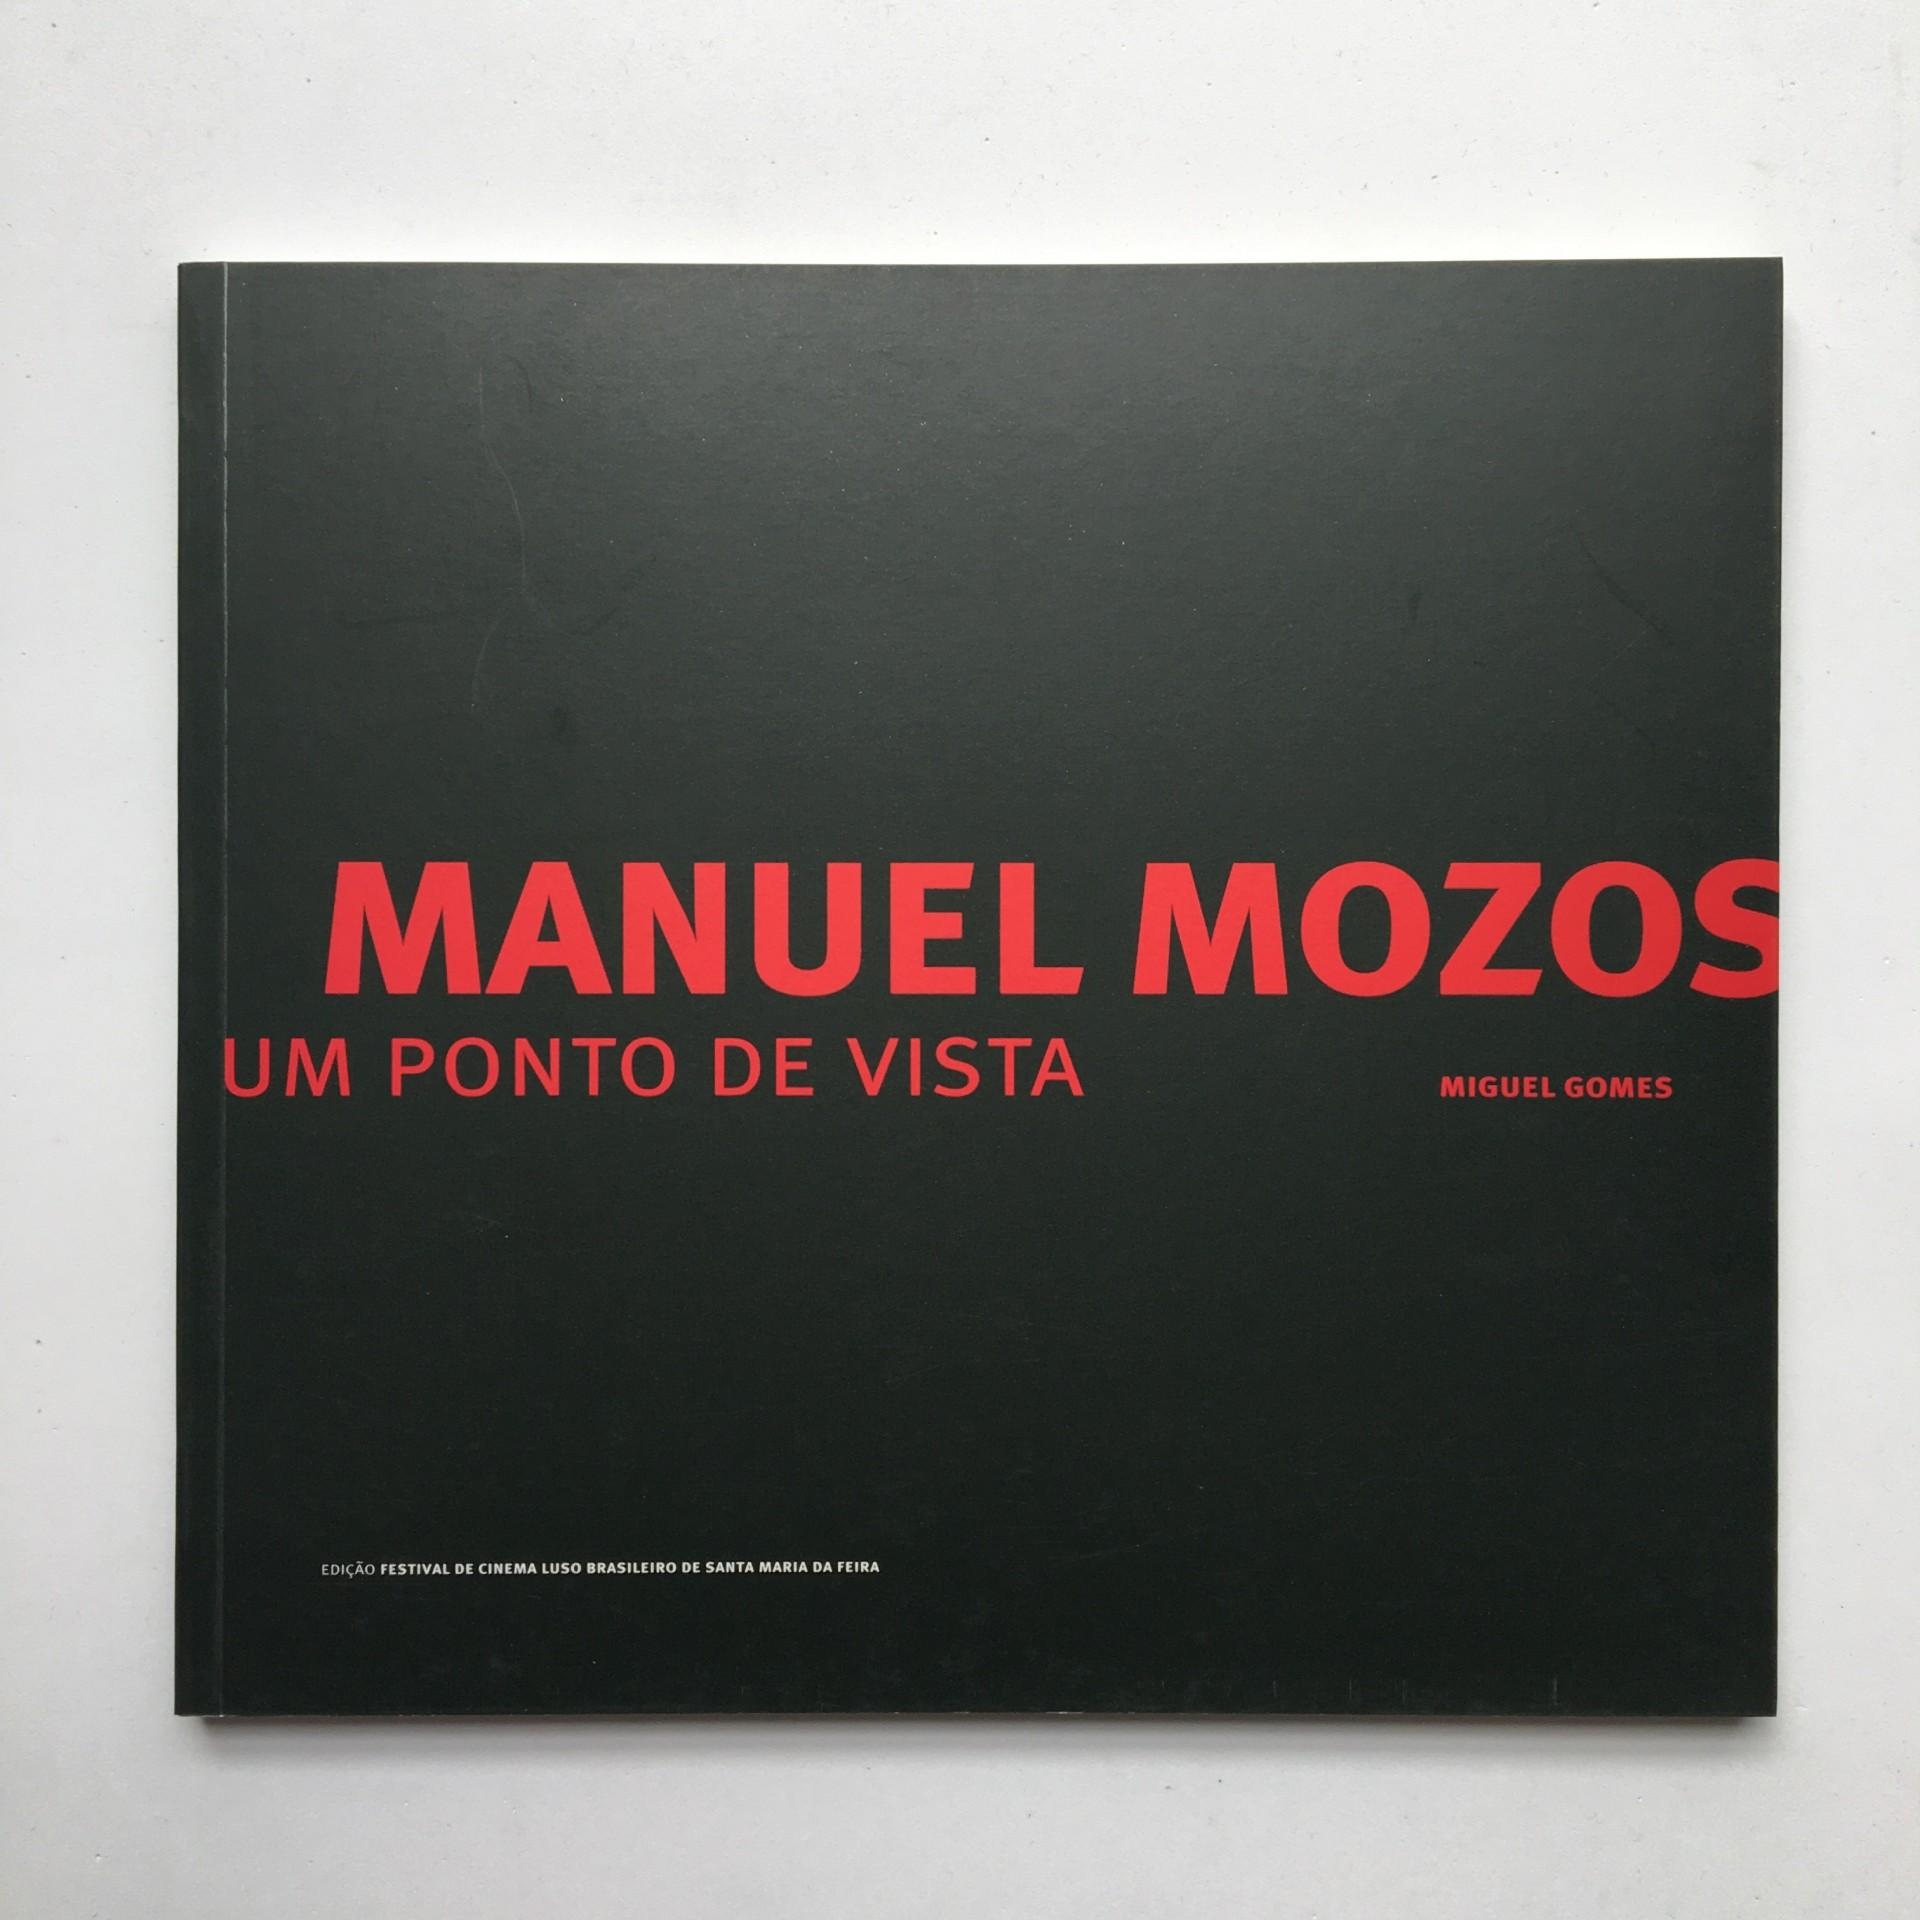 Manuel Mozos: um ponto de vista